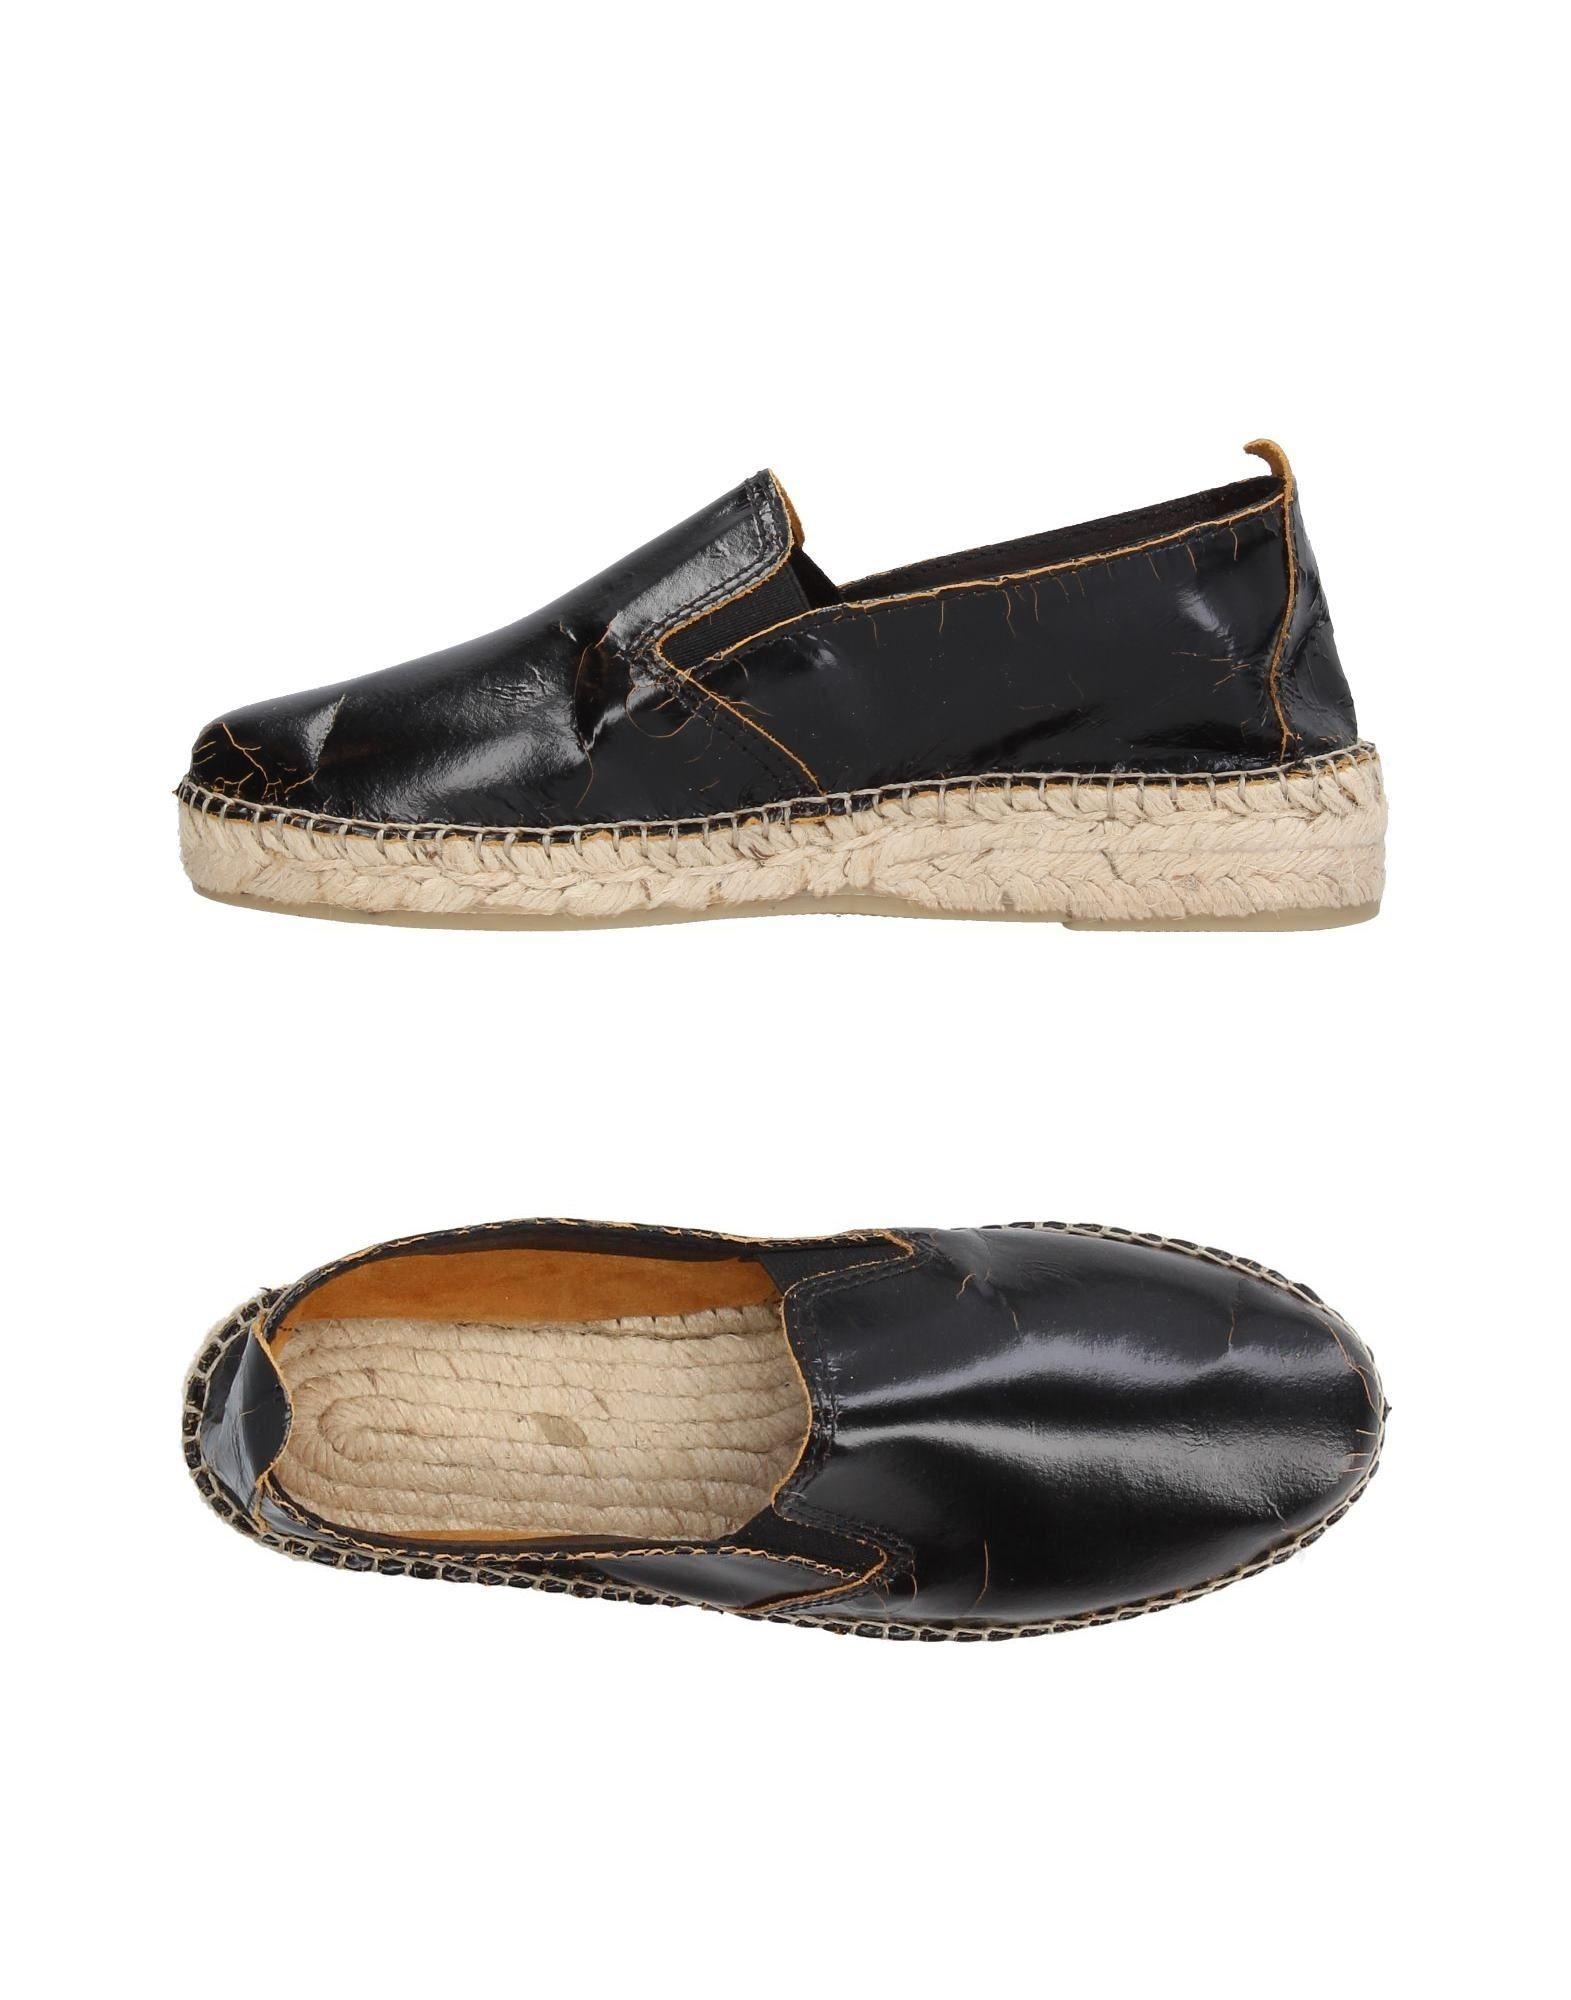 Prism Espadrilles Damen  11387907XE Gute Qualität beliebte Schuhe